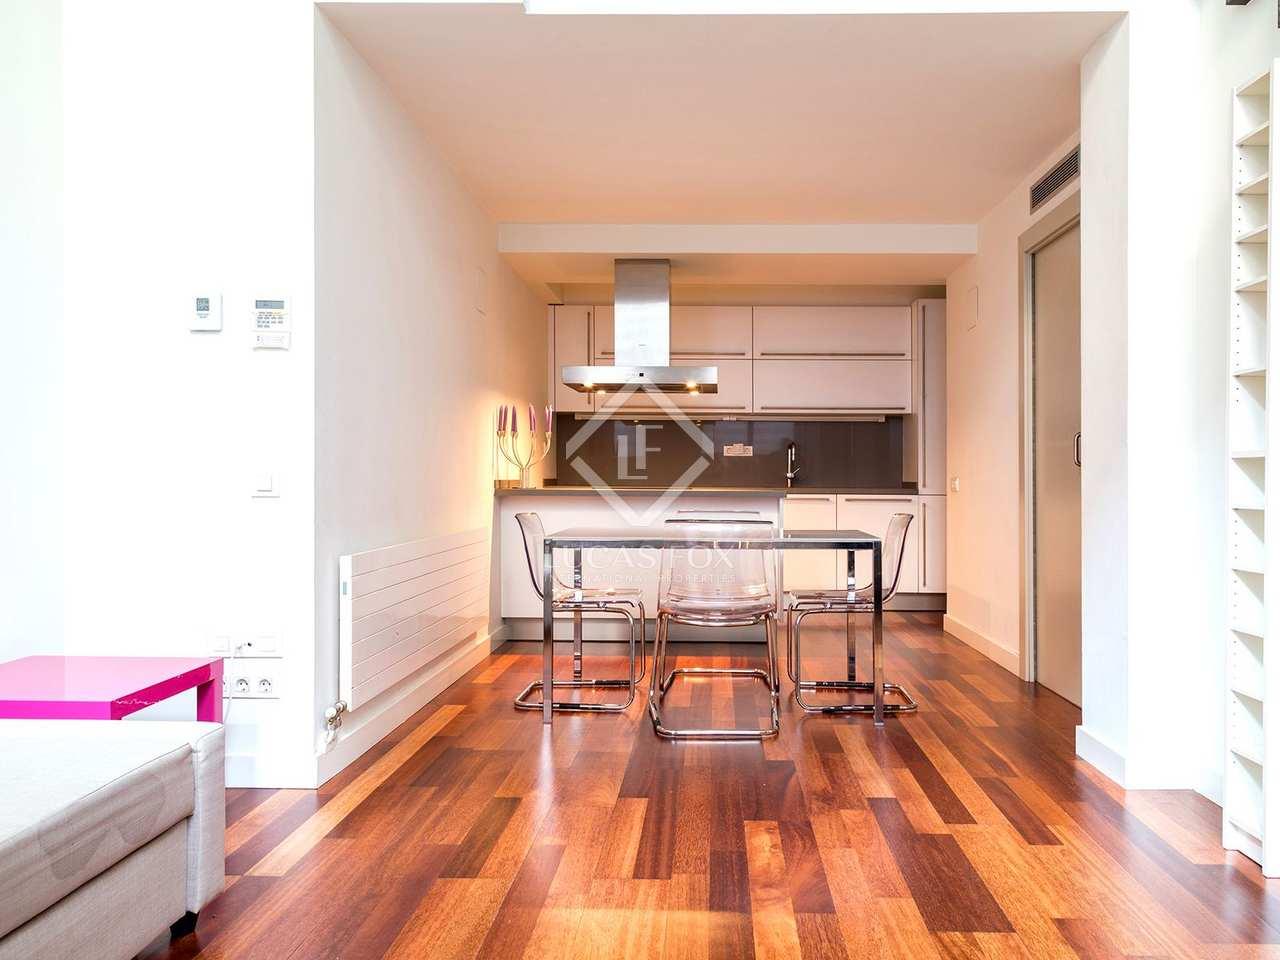 Appartement en vente dans le quartier de gr cia barcelone - Appartement vente barcelone ...